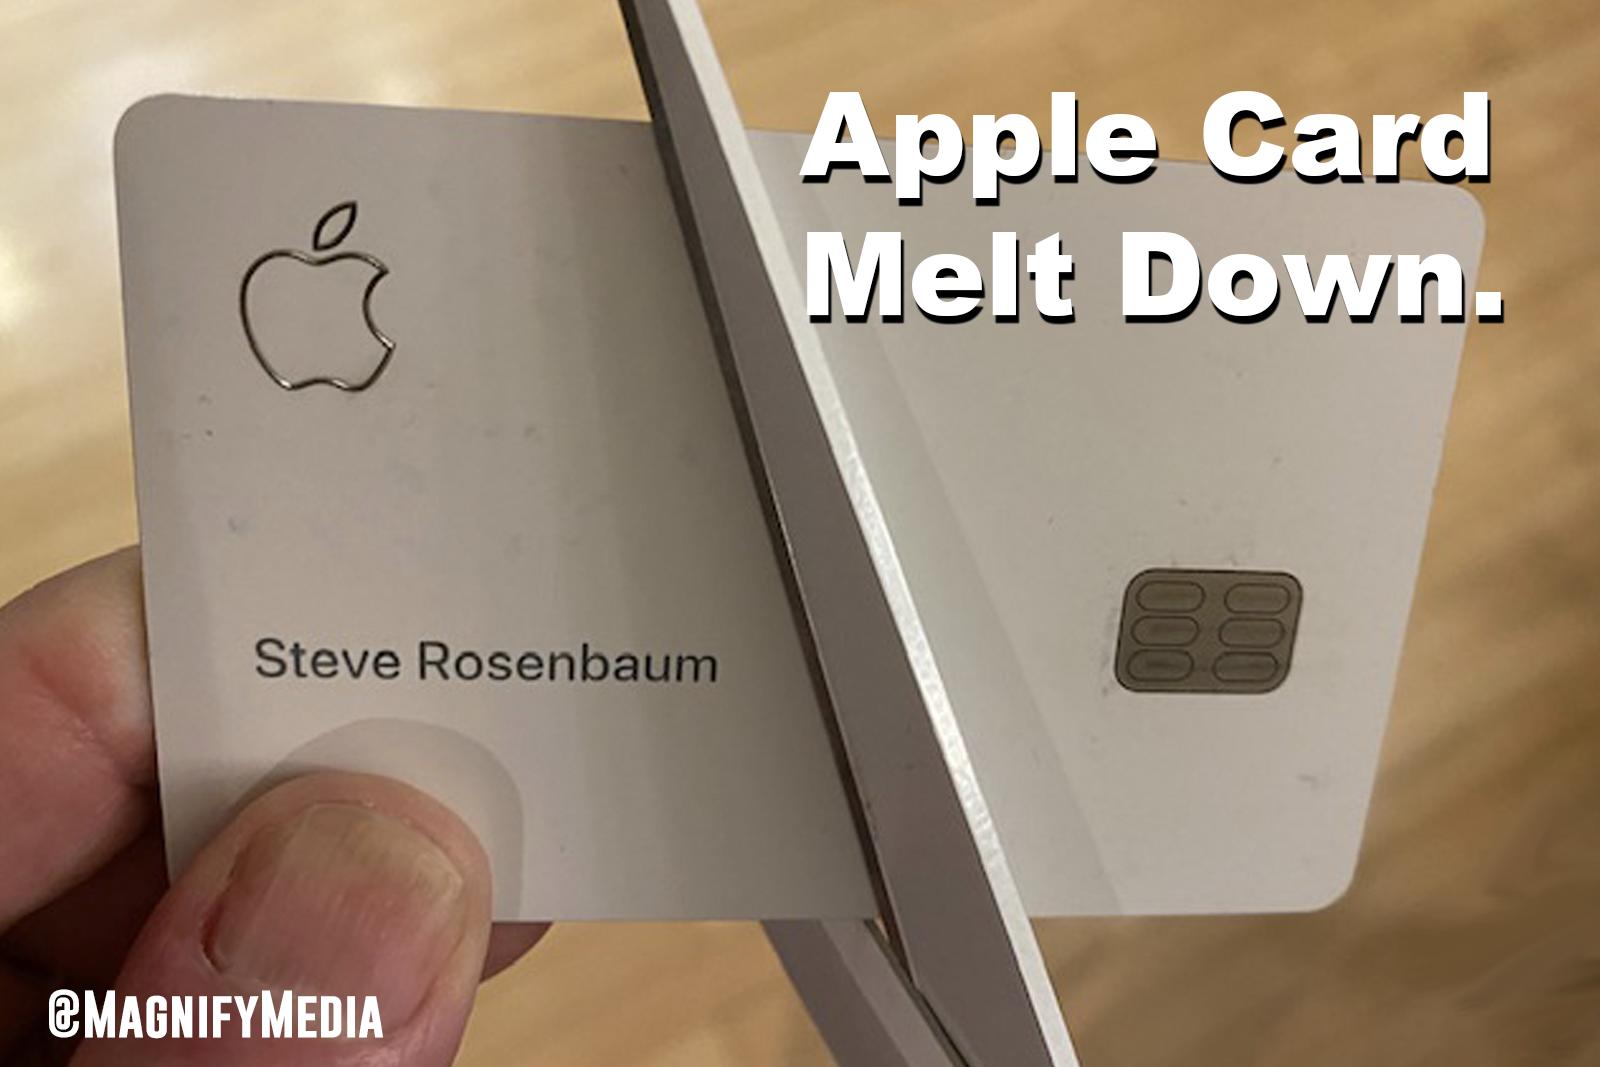 a849b28b62ea7add37248f60771af75d - How Long Does It Take To Get The Apple Card